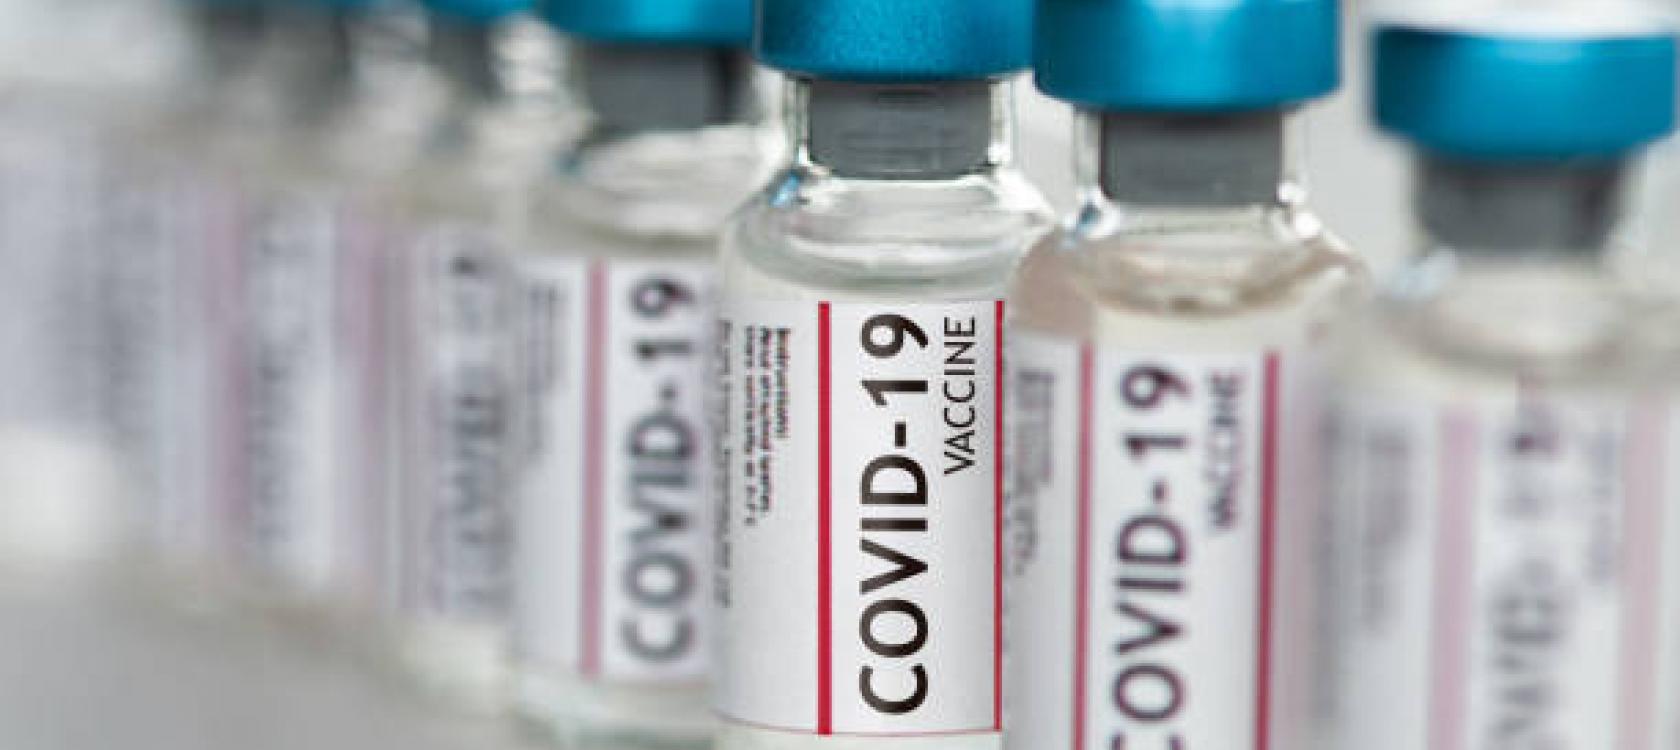 Proparco, IFC, la DEG et la DFC soutiennent Aspen, un fabricant sud-africain de vaccins contre le Covid-19